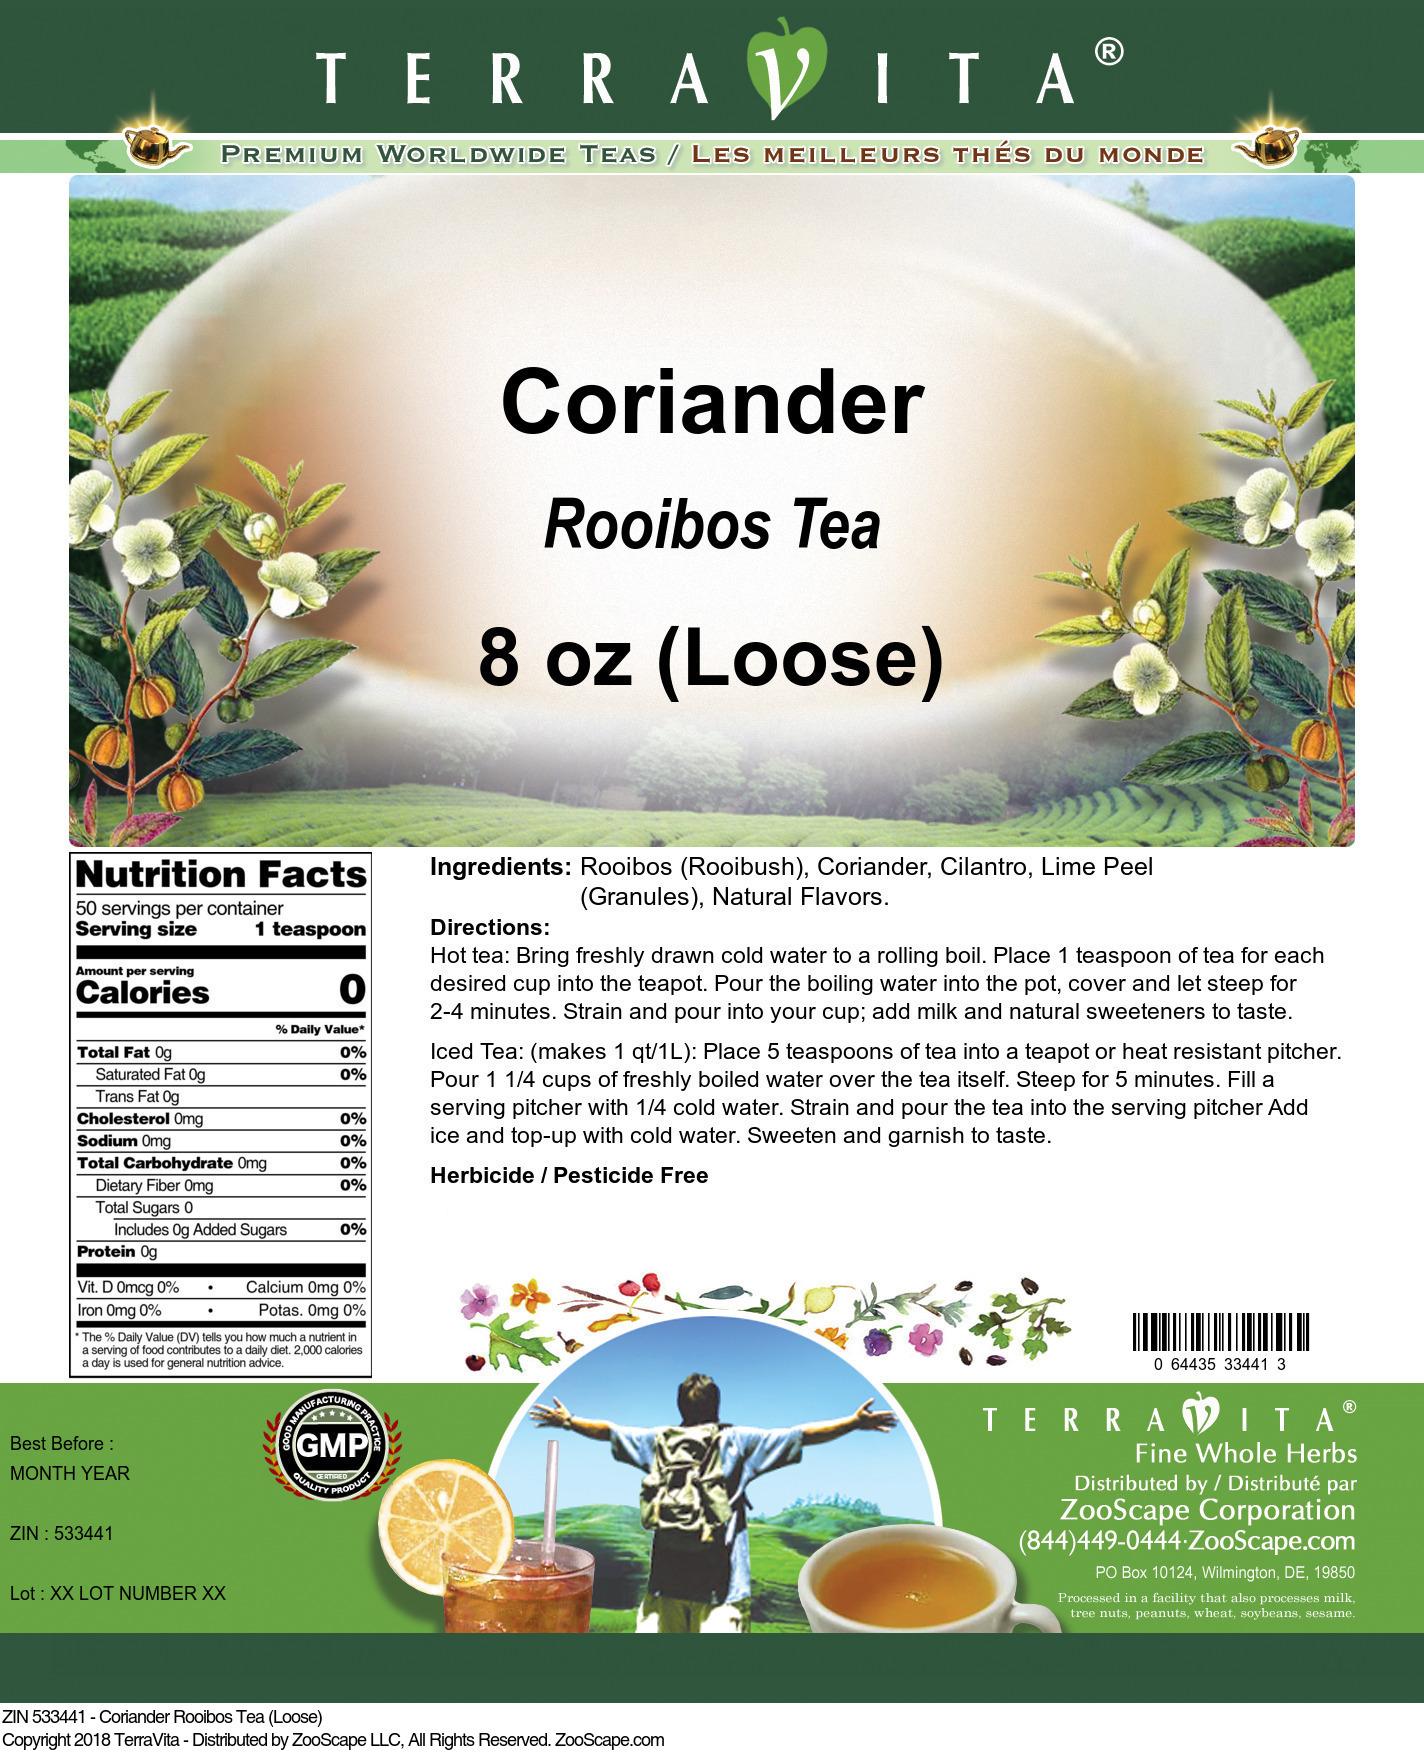 Coriander Rooibos Tea